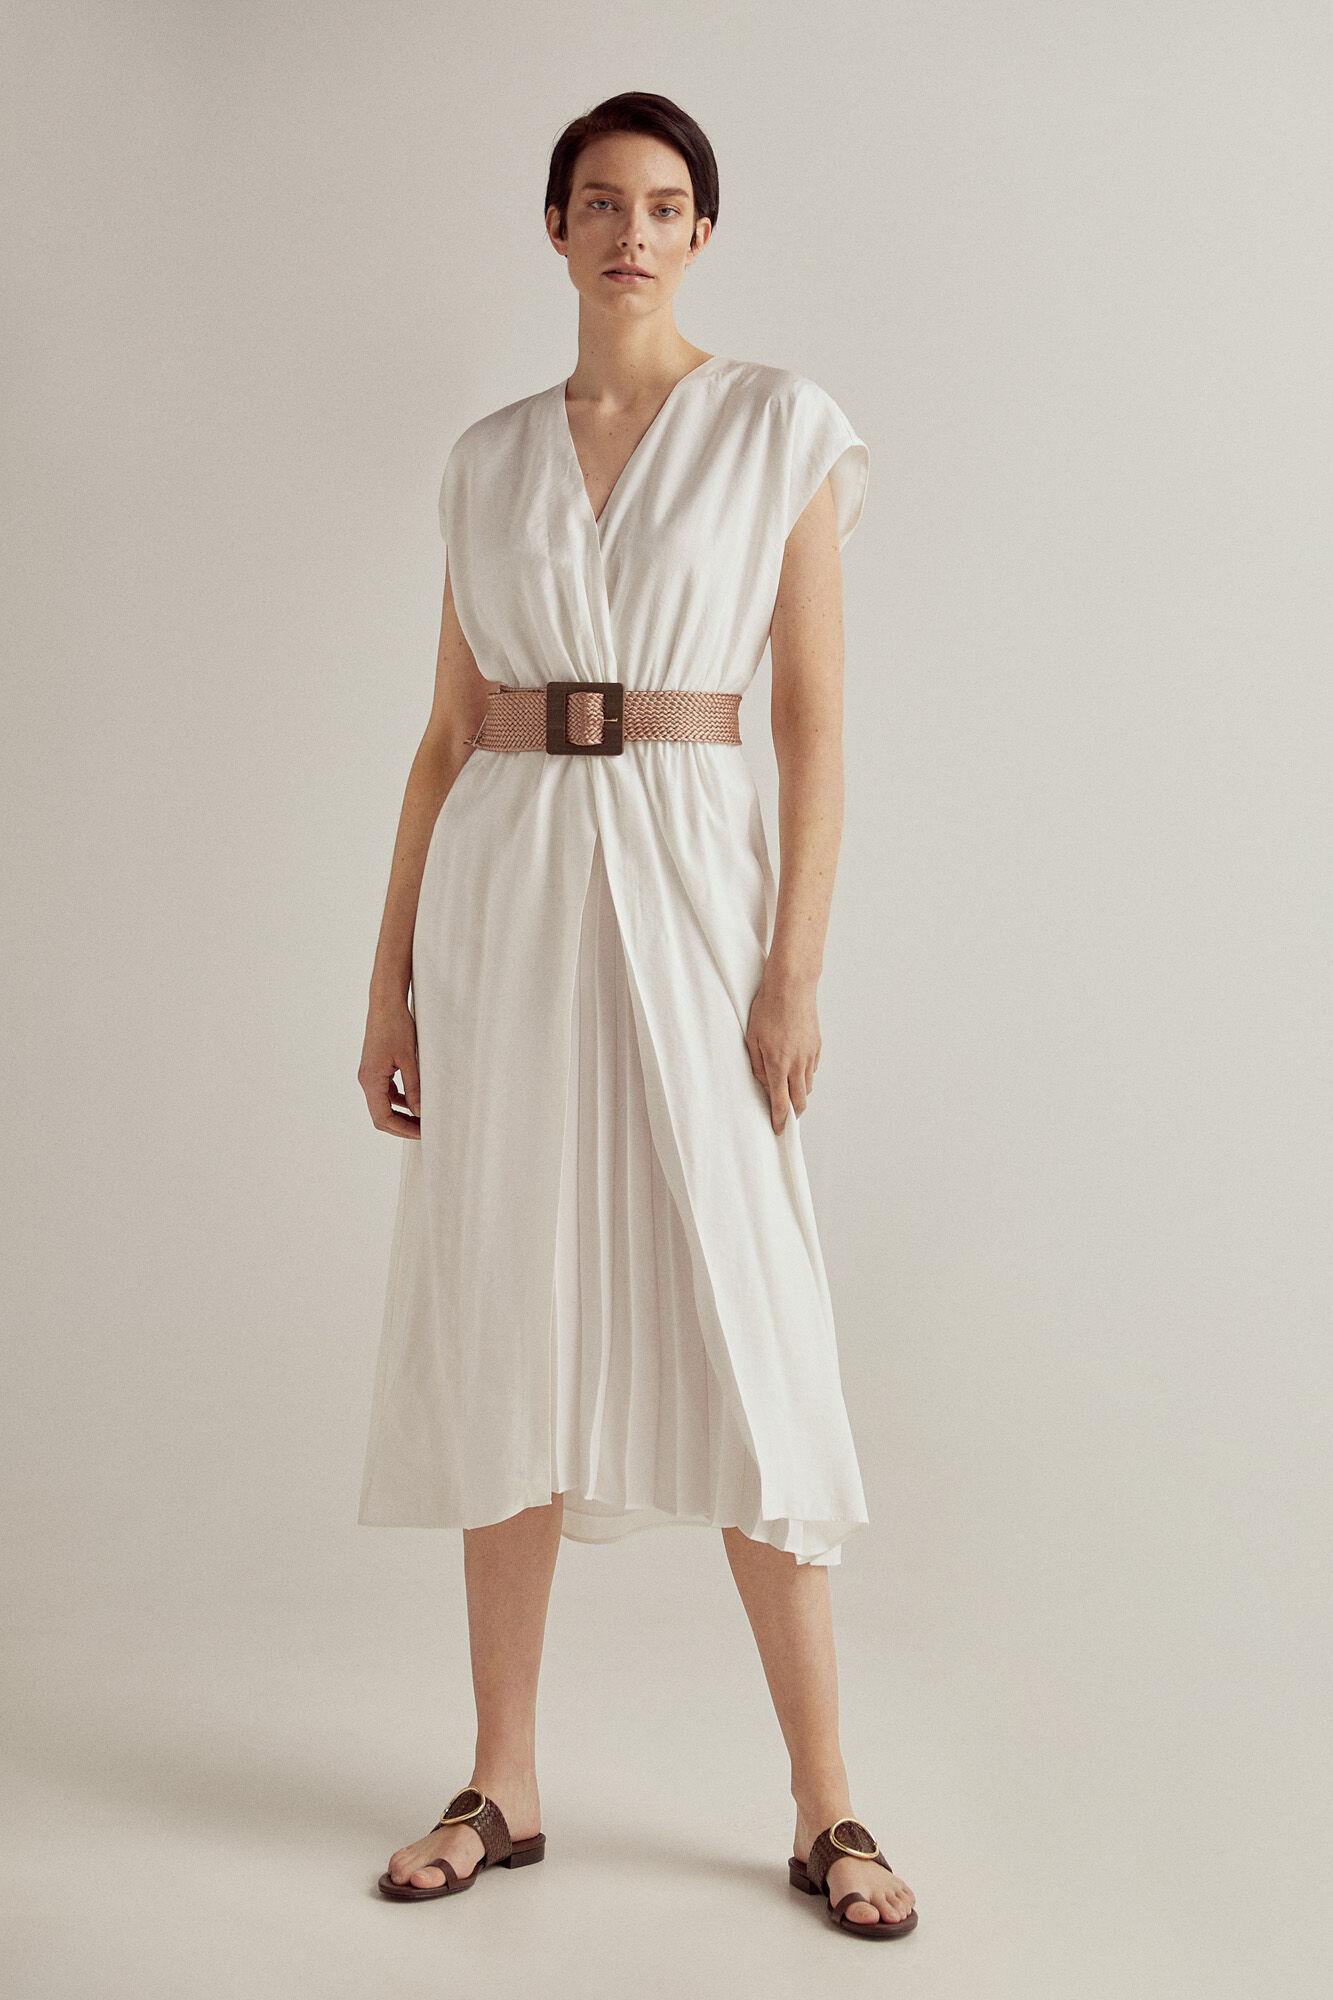 Vestido blanco co escote en pico y falda plisda